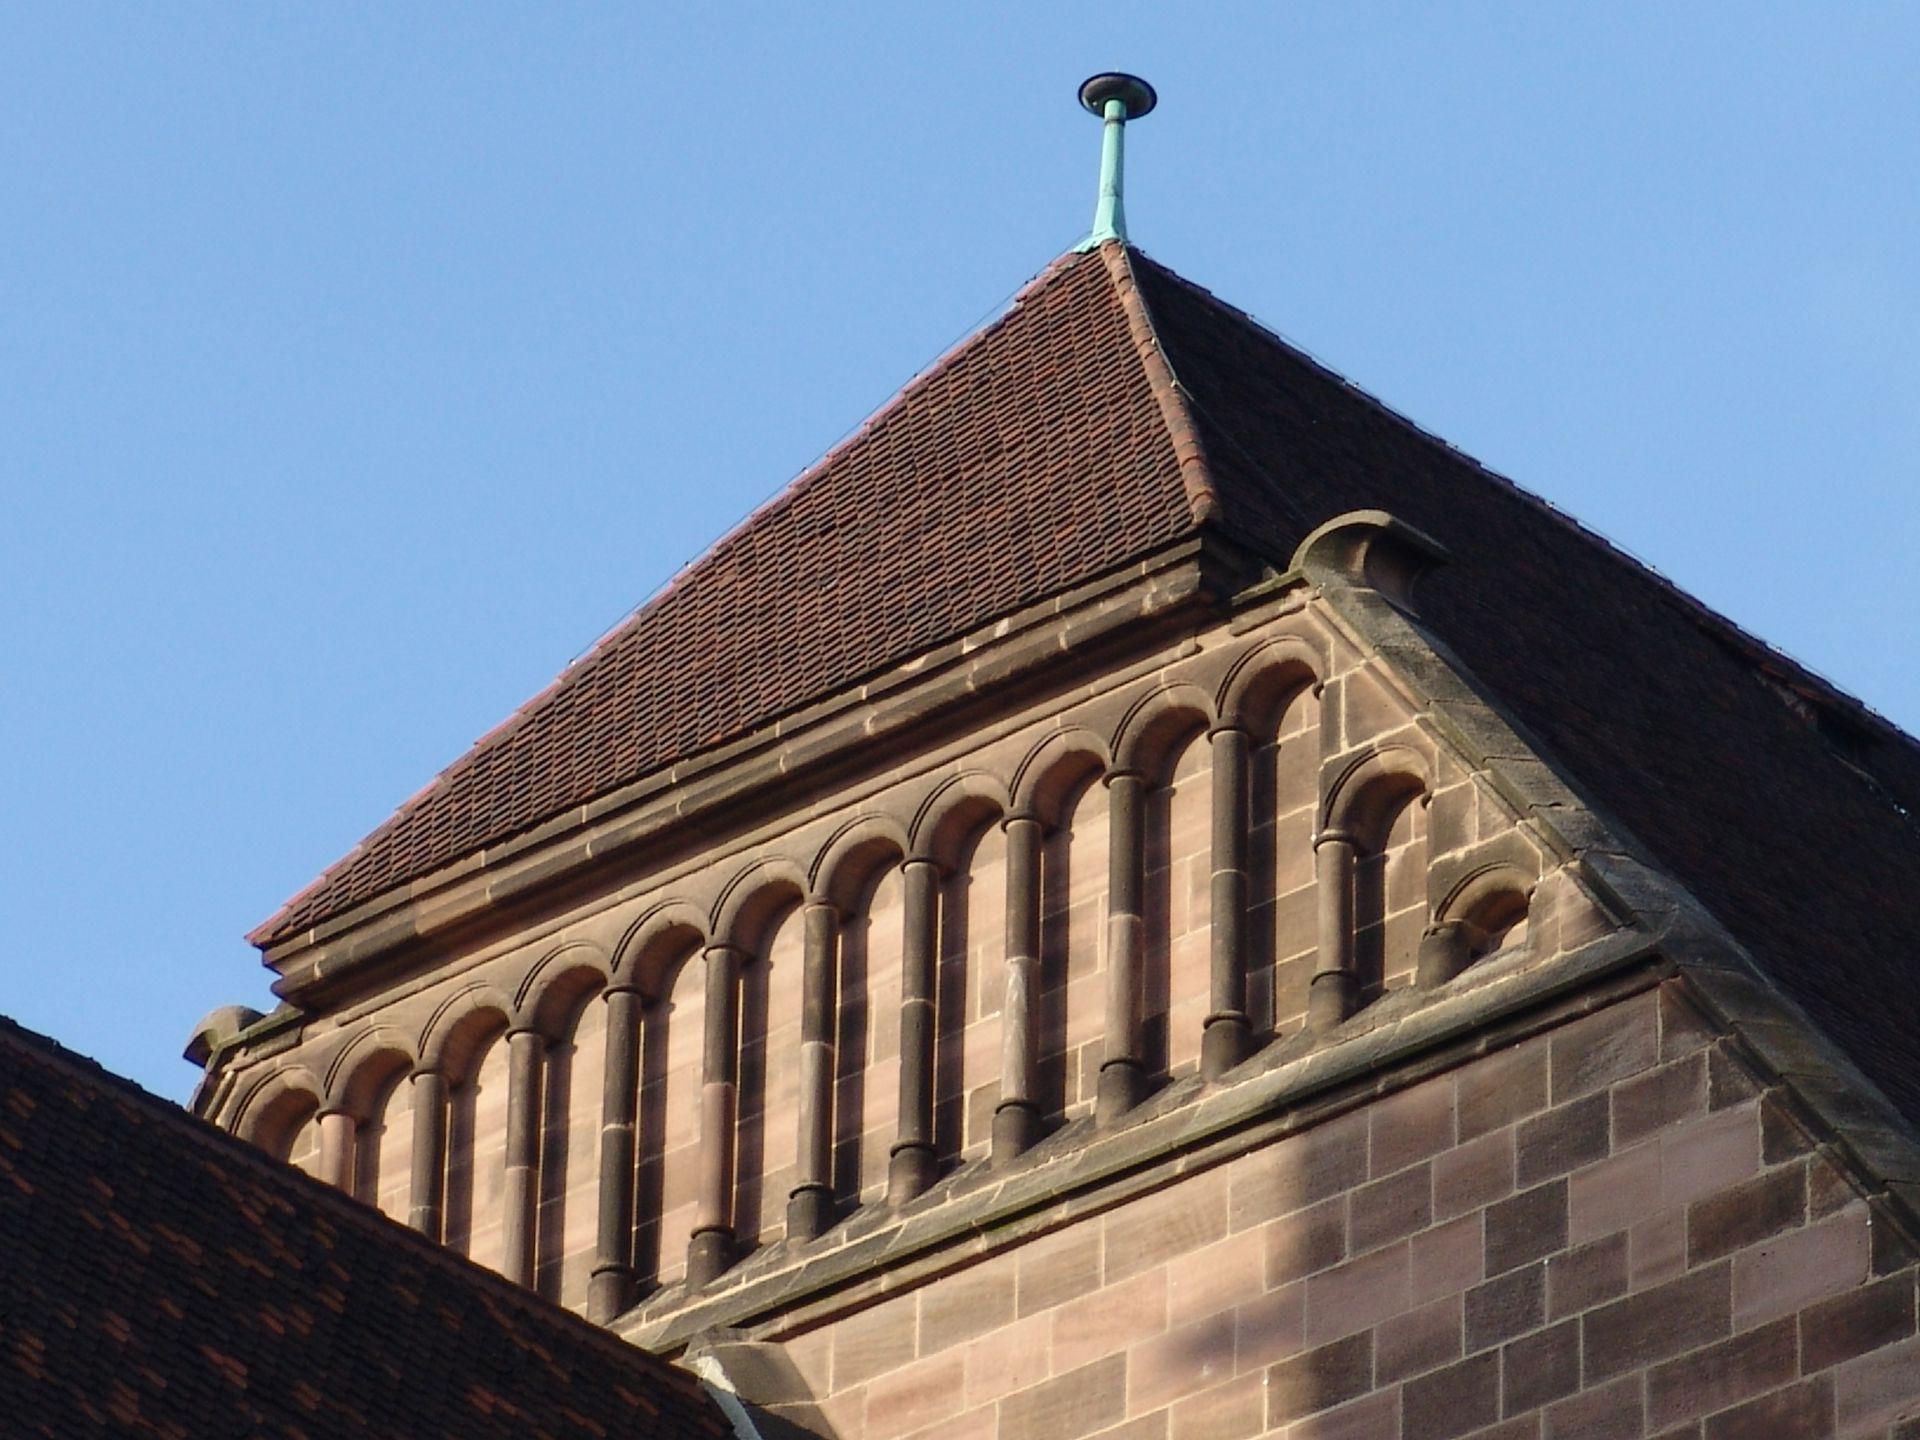 St. Lorenz, Hallenchor, Bauphase Jakob Grimm Westgiebel, Bogenstellungen (von Hans Behaim?)